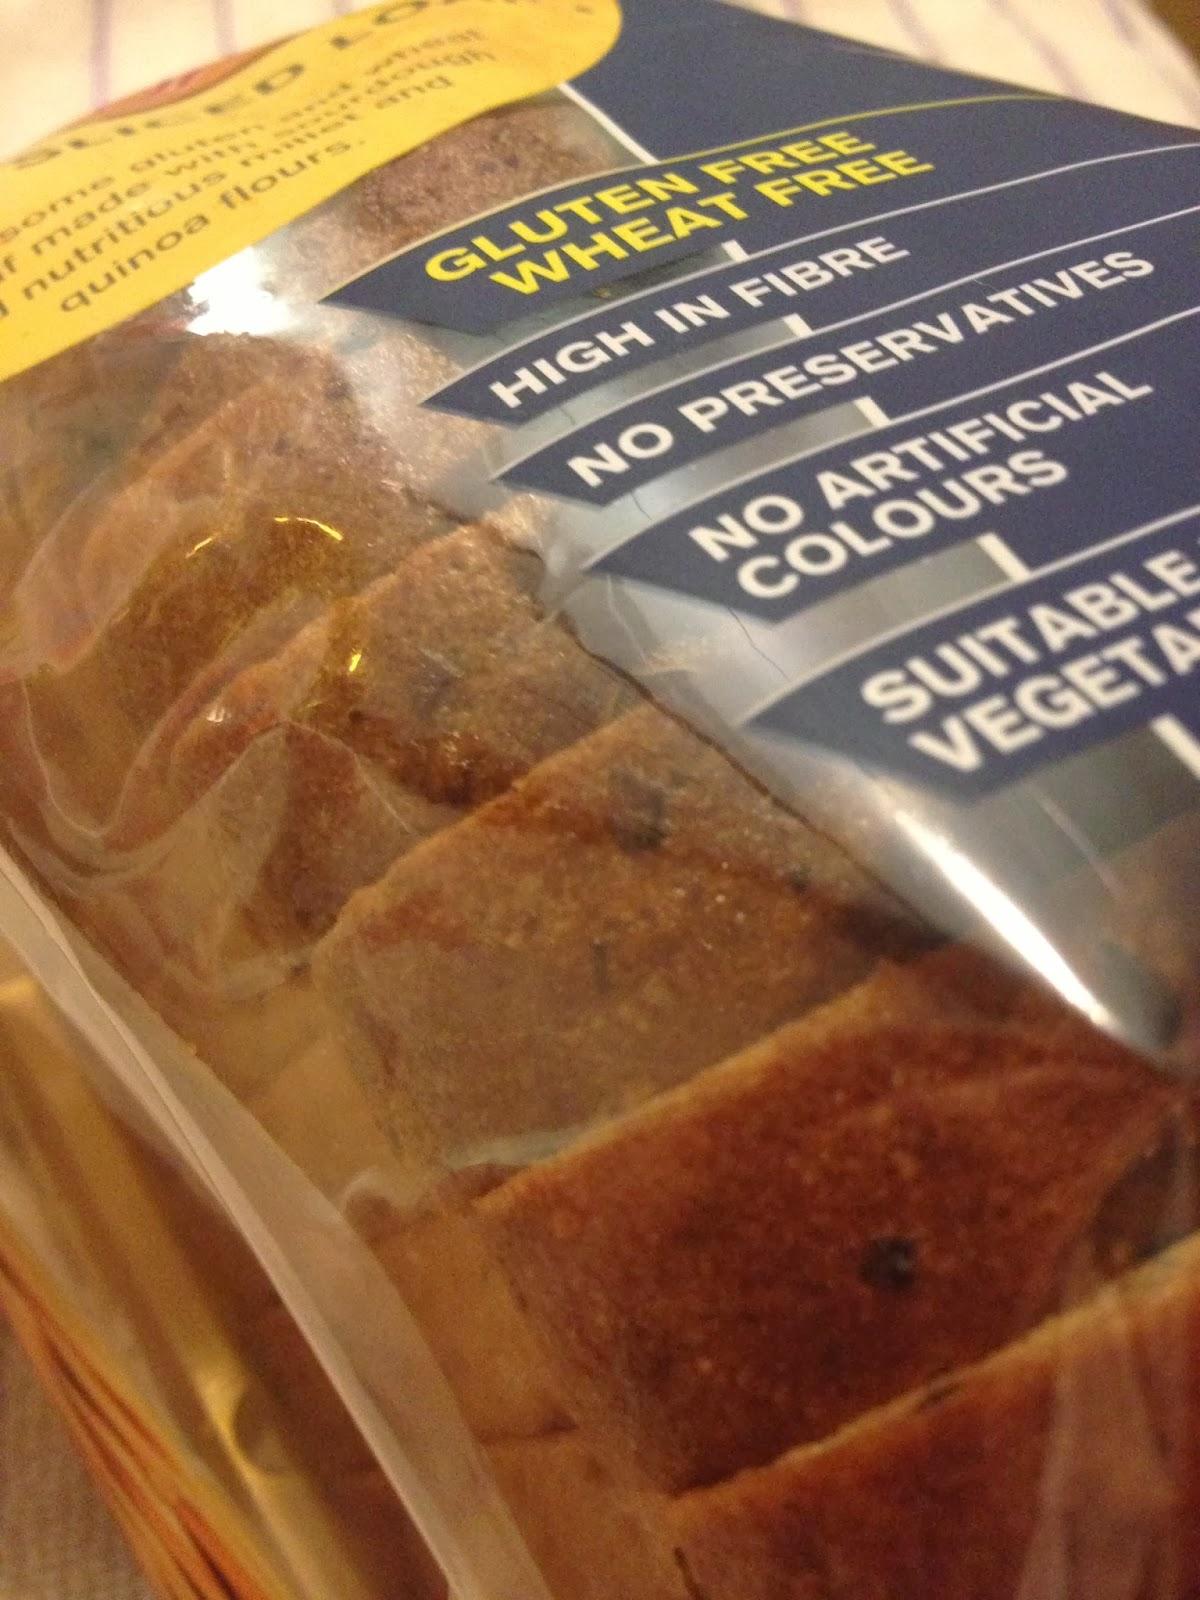 ds gluten free seeded sliced loaf